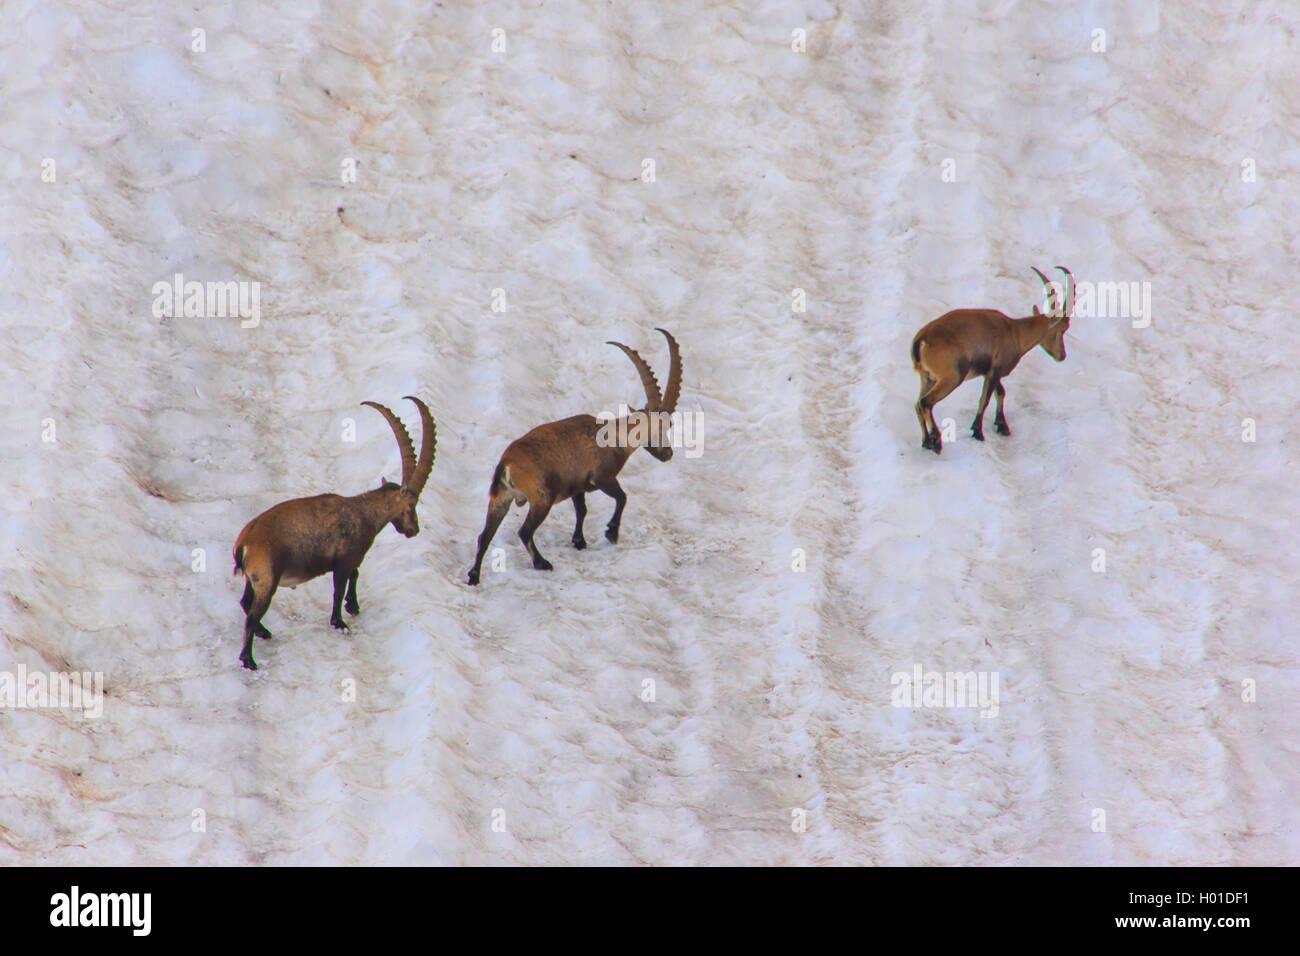 Alpen-Steinbock, Alpensteinbock (Capra ibex, Capra ibex ibex), Drei Alpensteinboecke queren ein steiles altes Schneefeld, - Stock Image